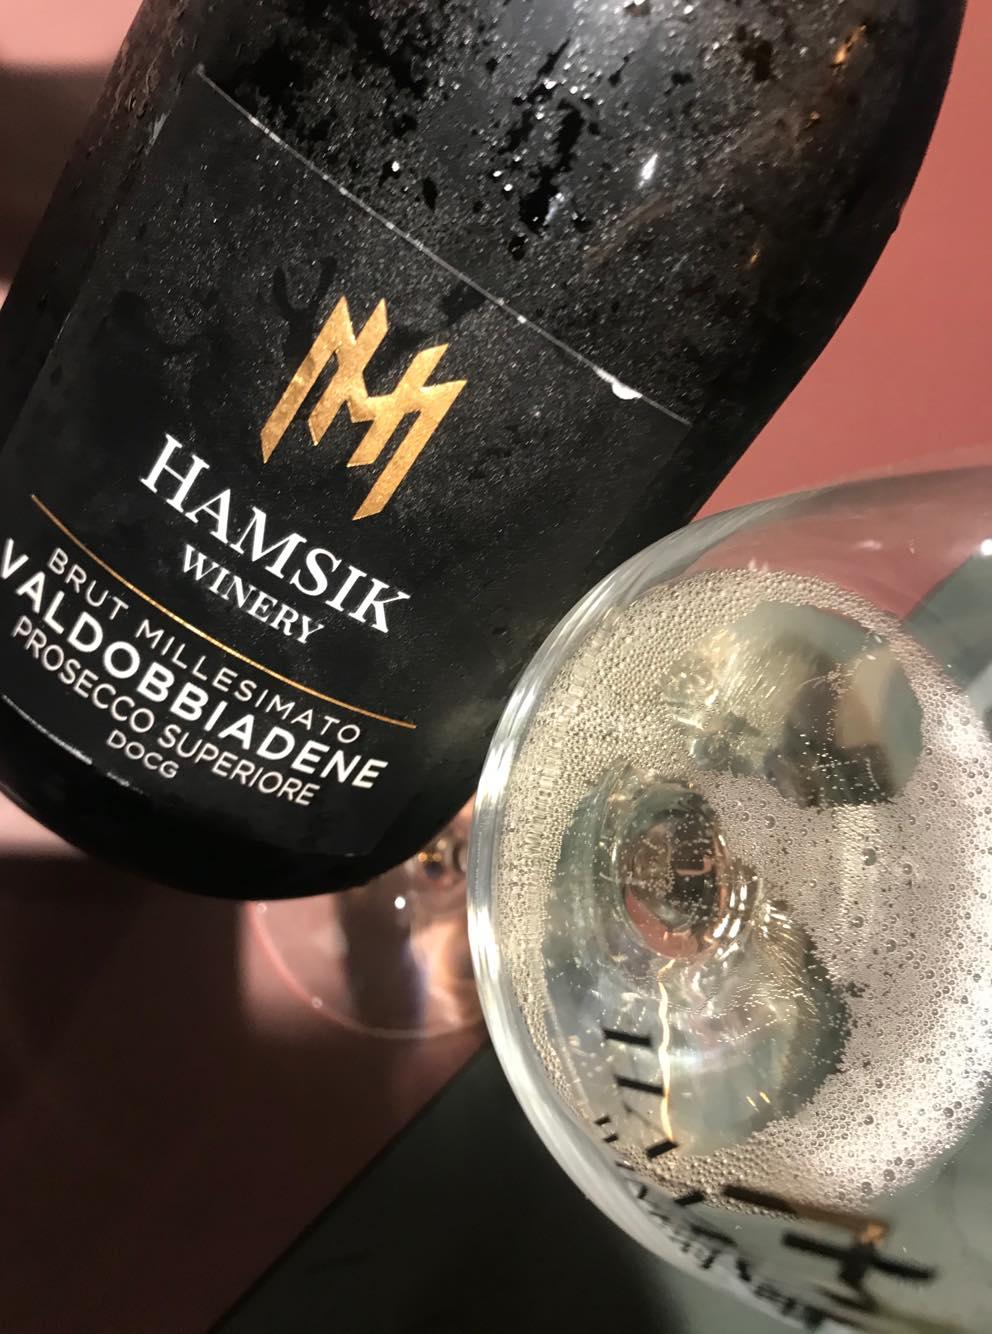 Hamsik Winery, La Presentazione da Sano Sano